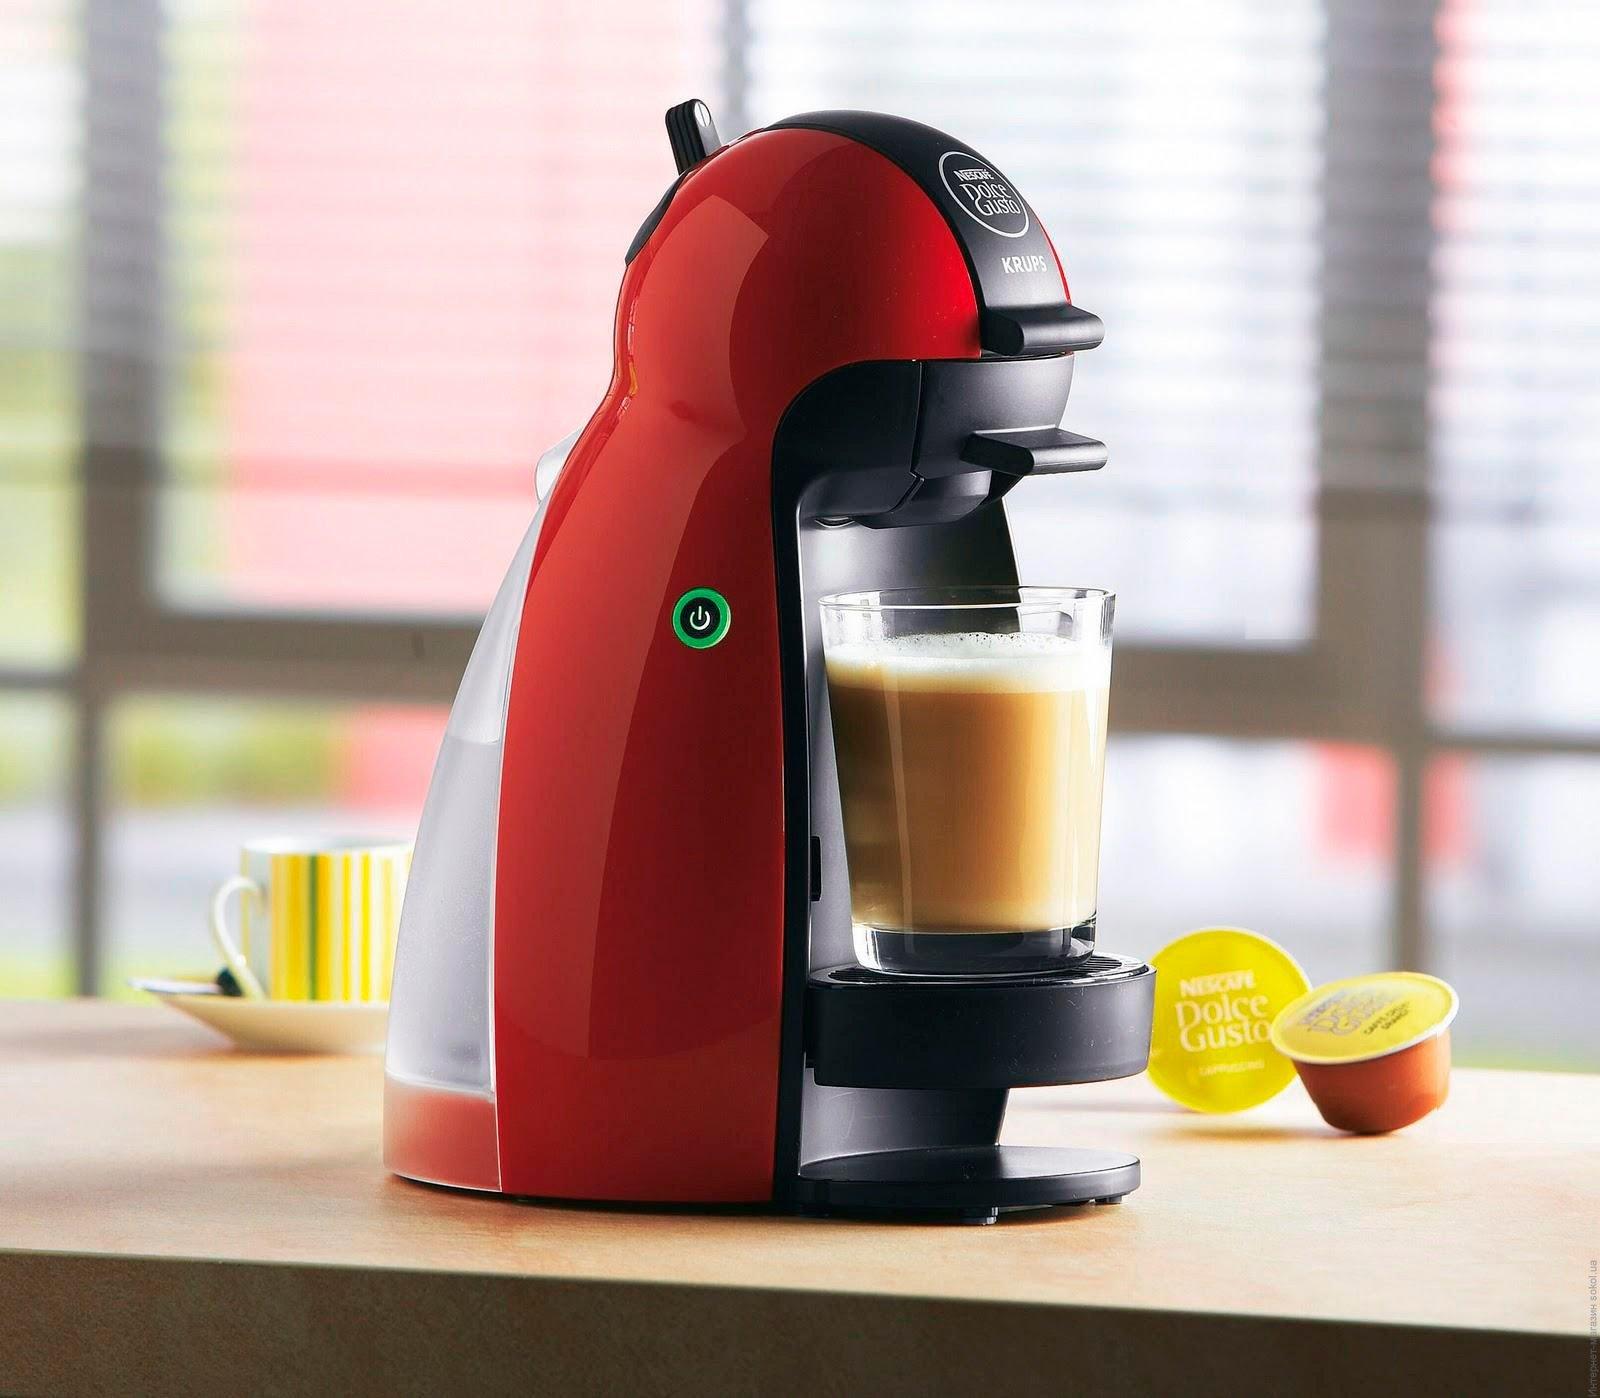 Кофе - бесценный напиток для многих. Выбор капсульной кофемашины